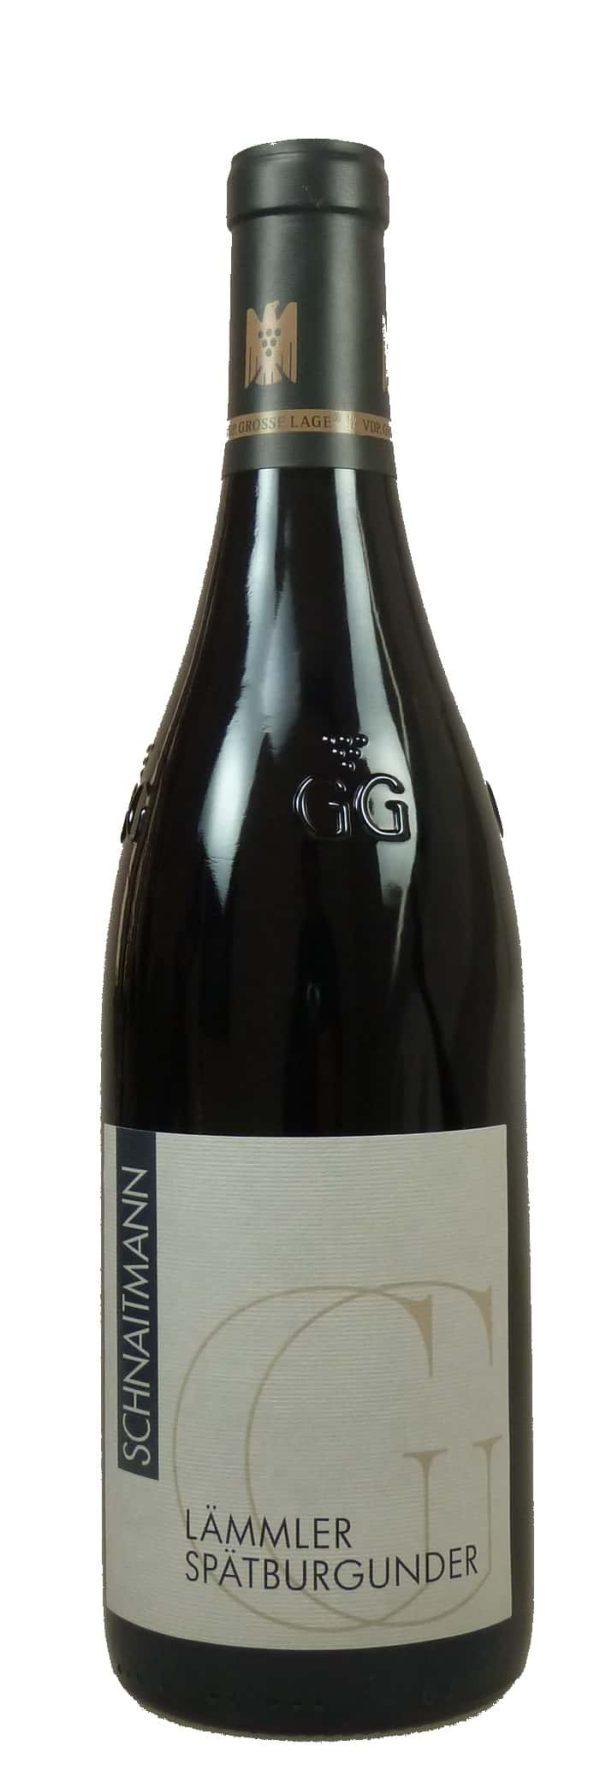 Lämmler Spätburgunder Großes Gewächs Qualitätswein trocken 2015